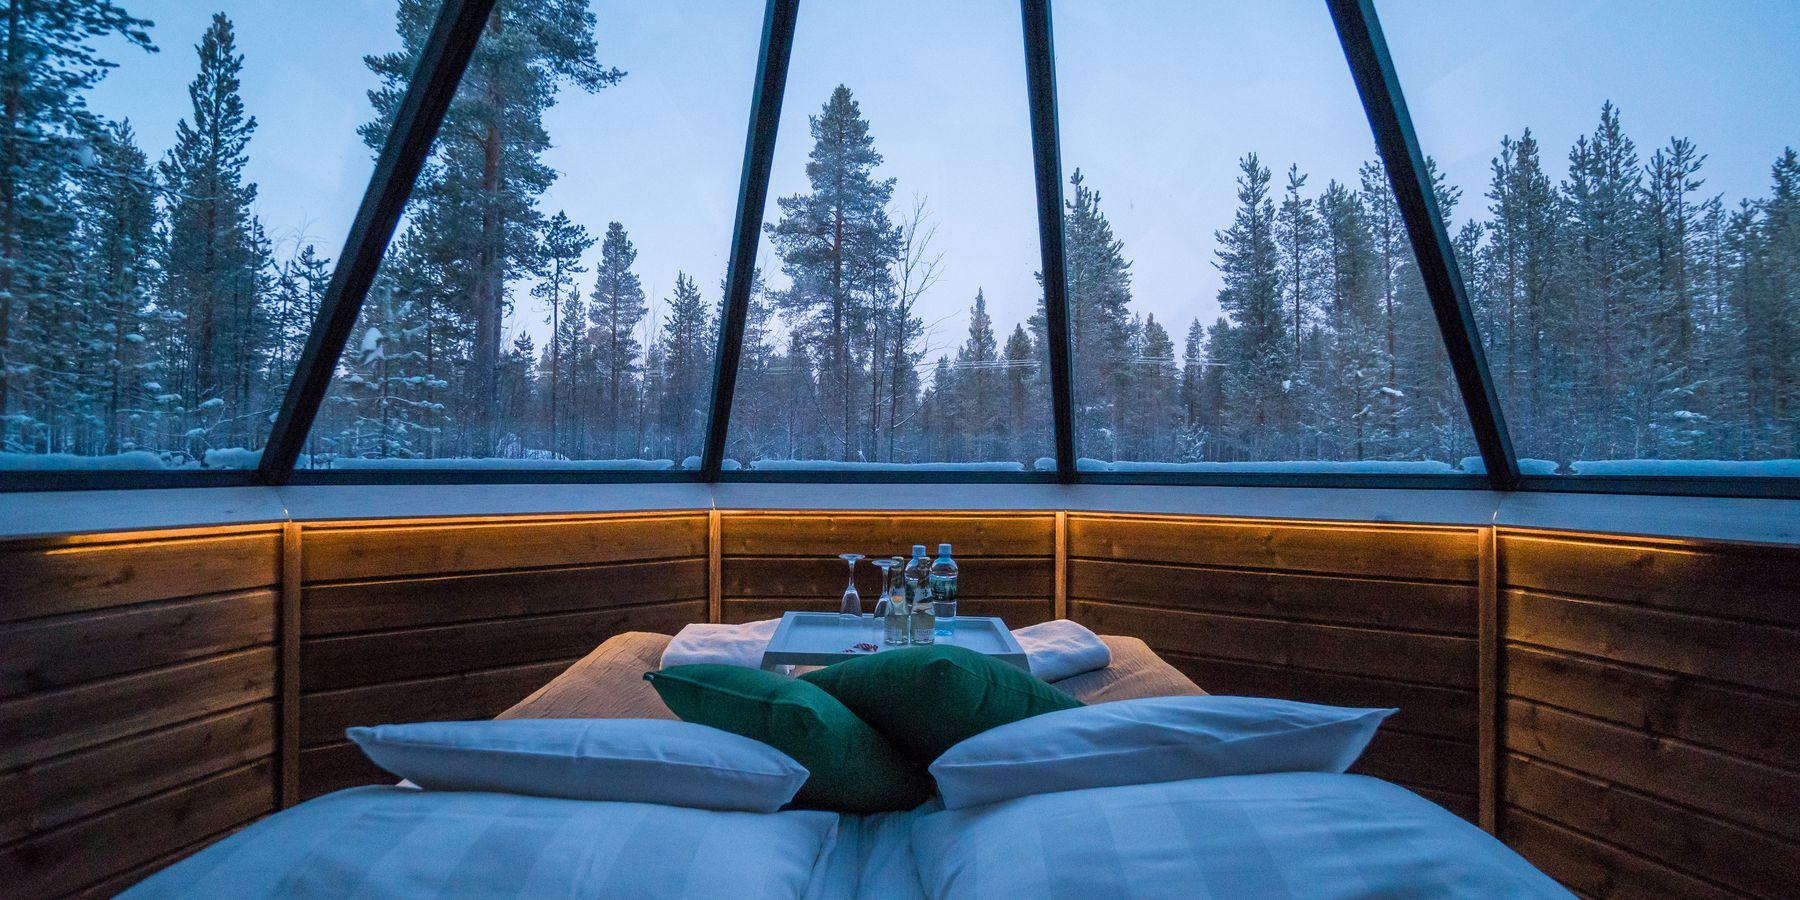 Ivalo - Doets Reizen - Vakantie Finland - Credits VisitFinland